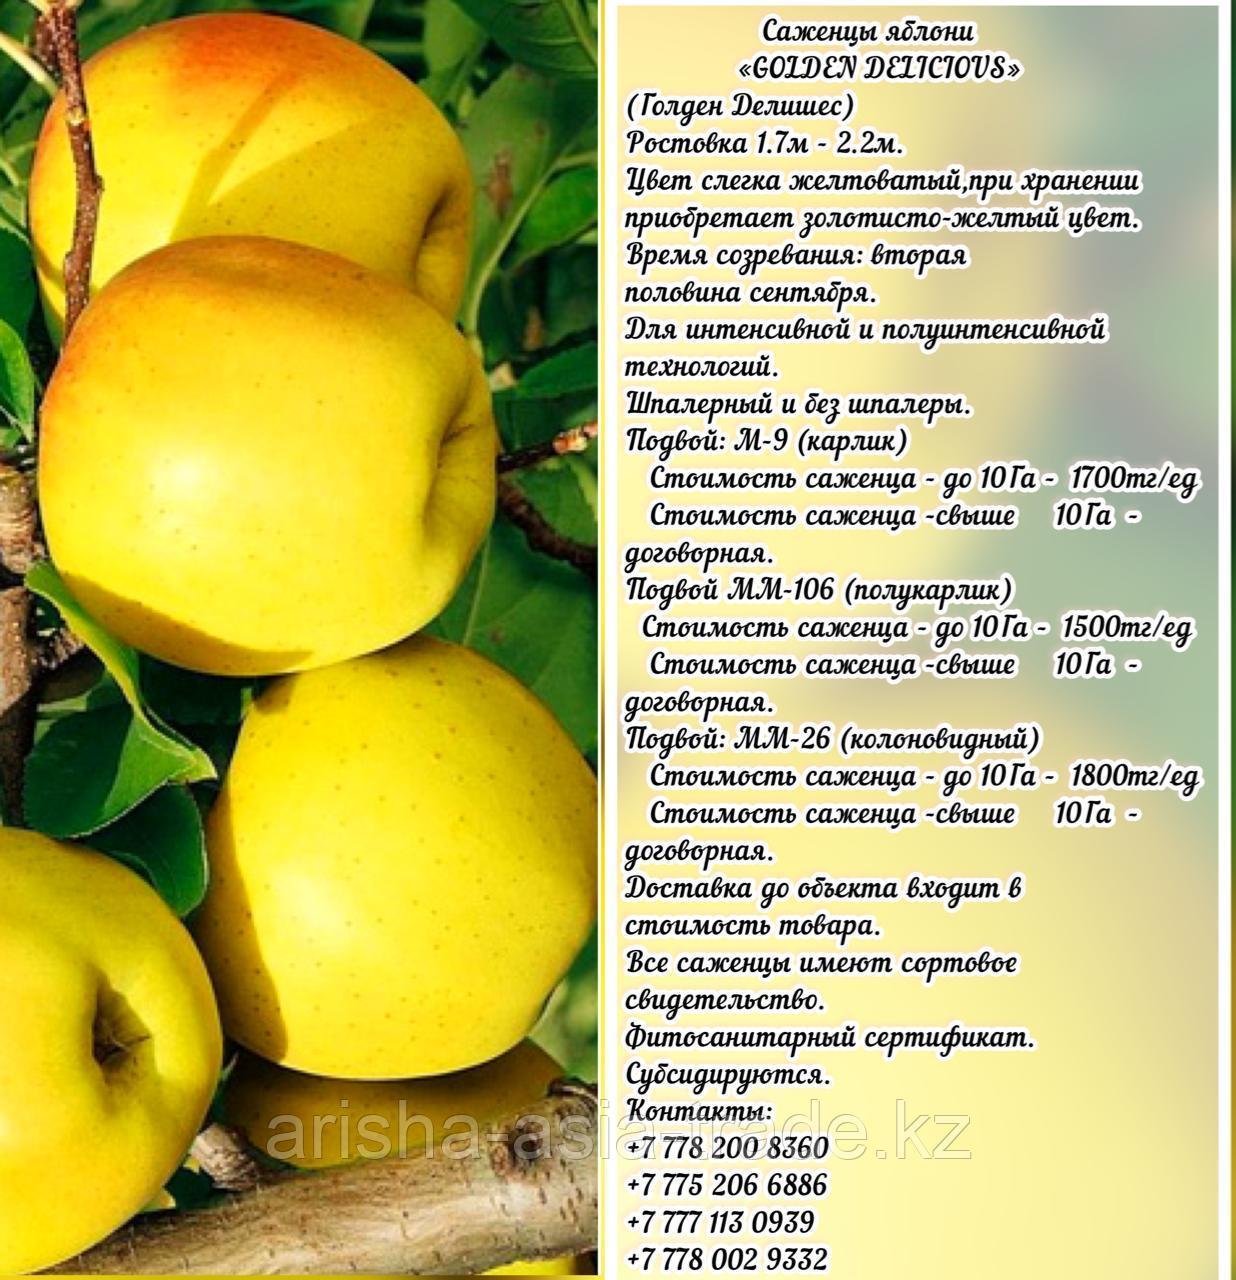 """Саженцы яблони """"Golden Delicious"""" (Голден Делишес) подвой мм 106 Сербия"""